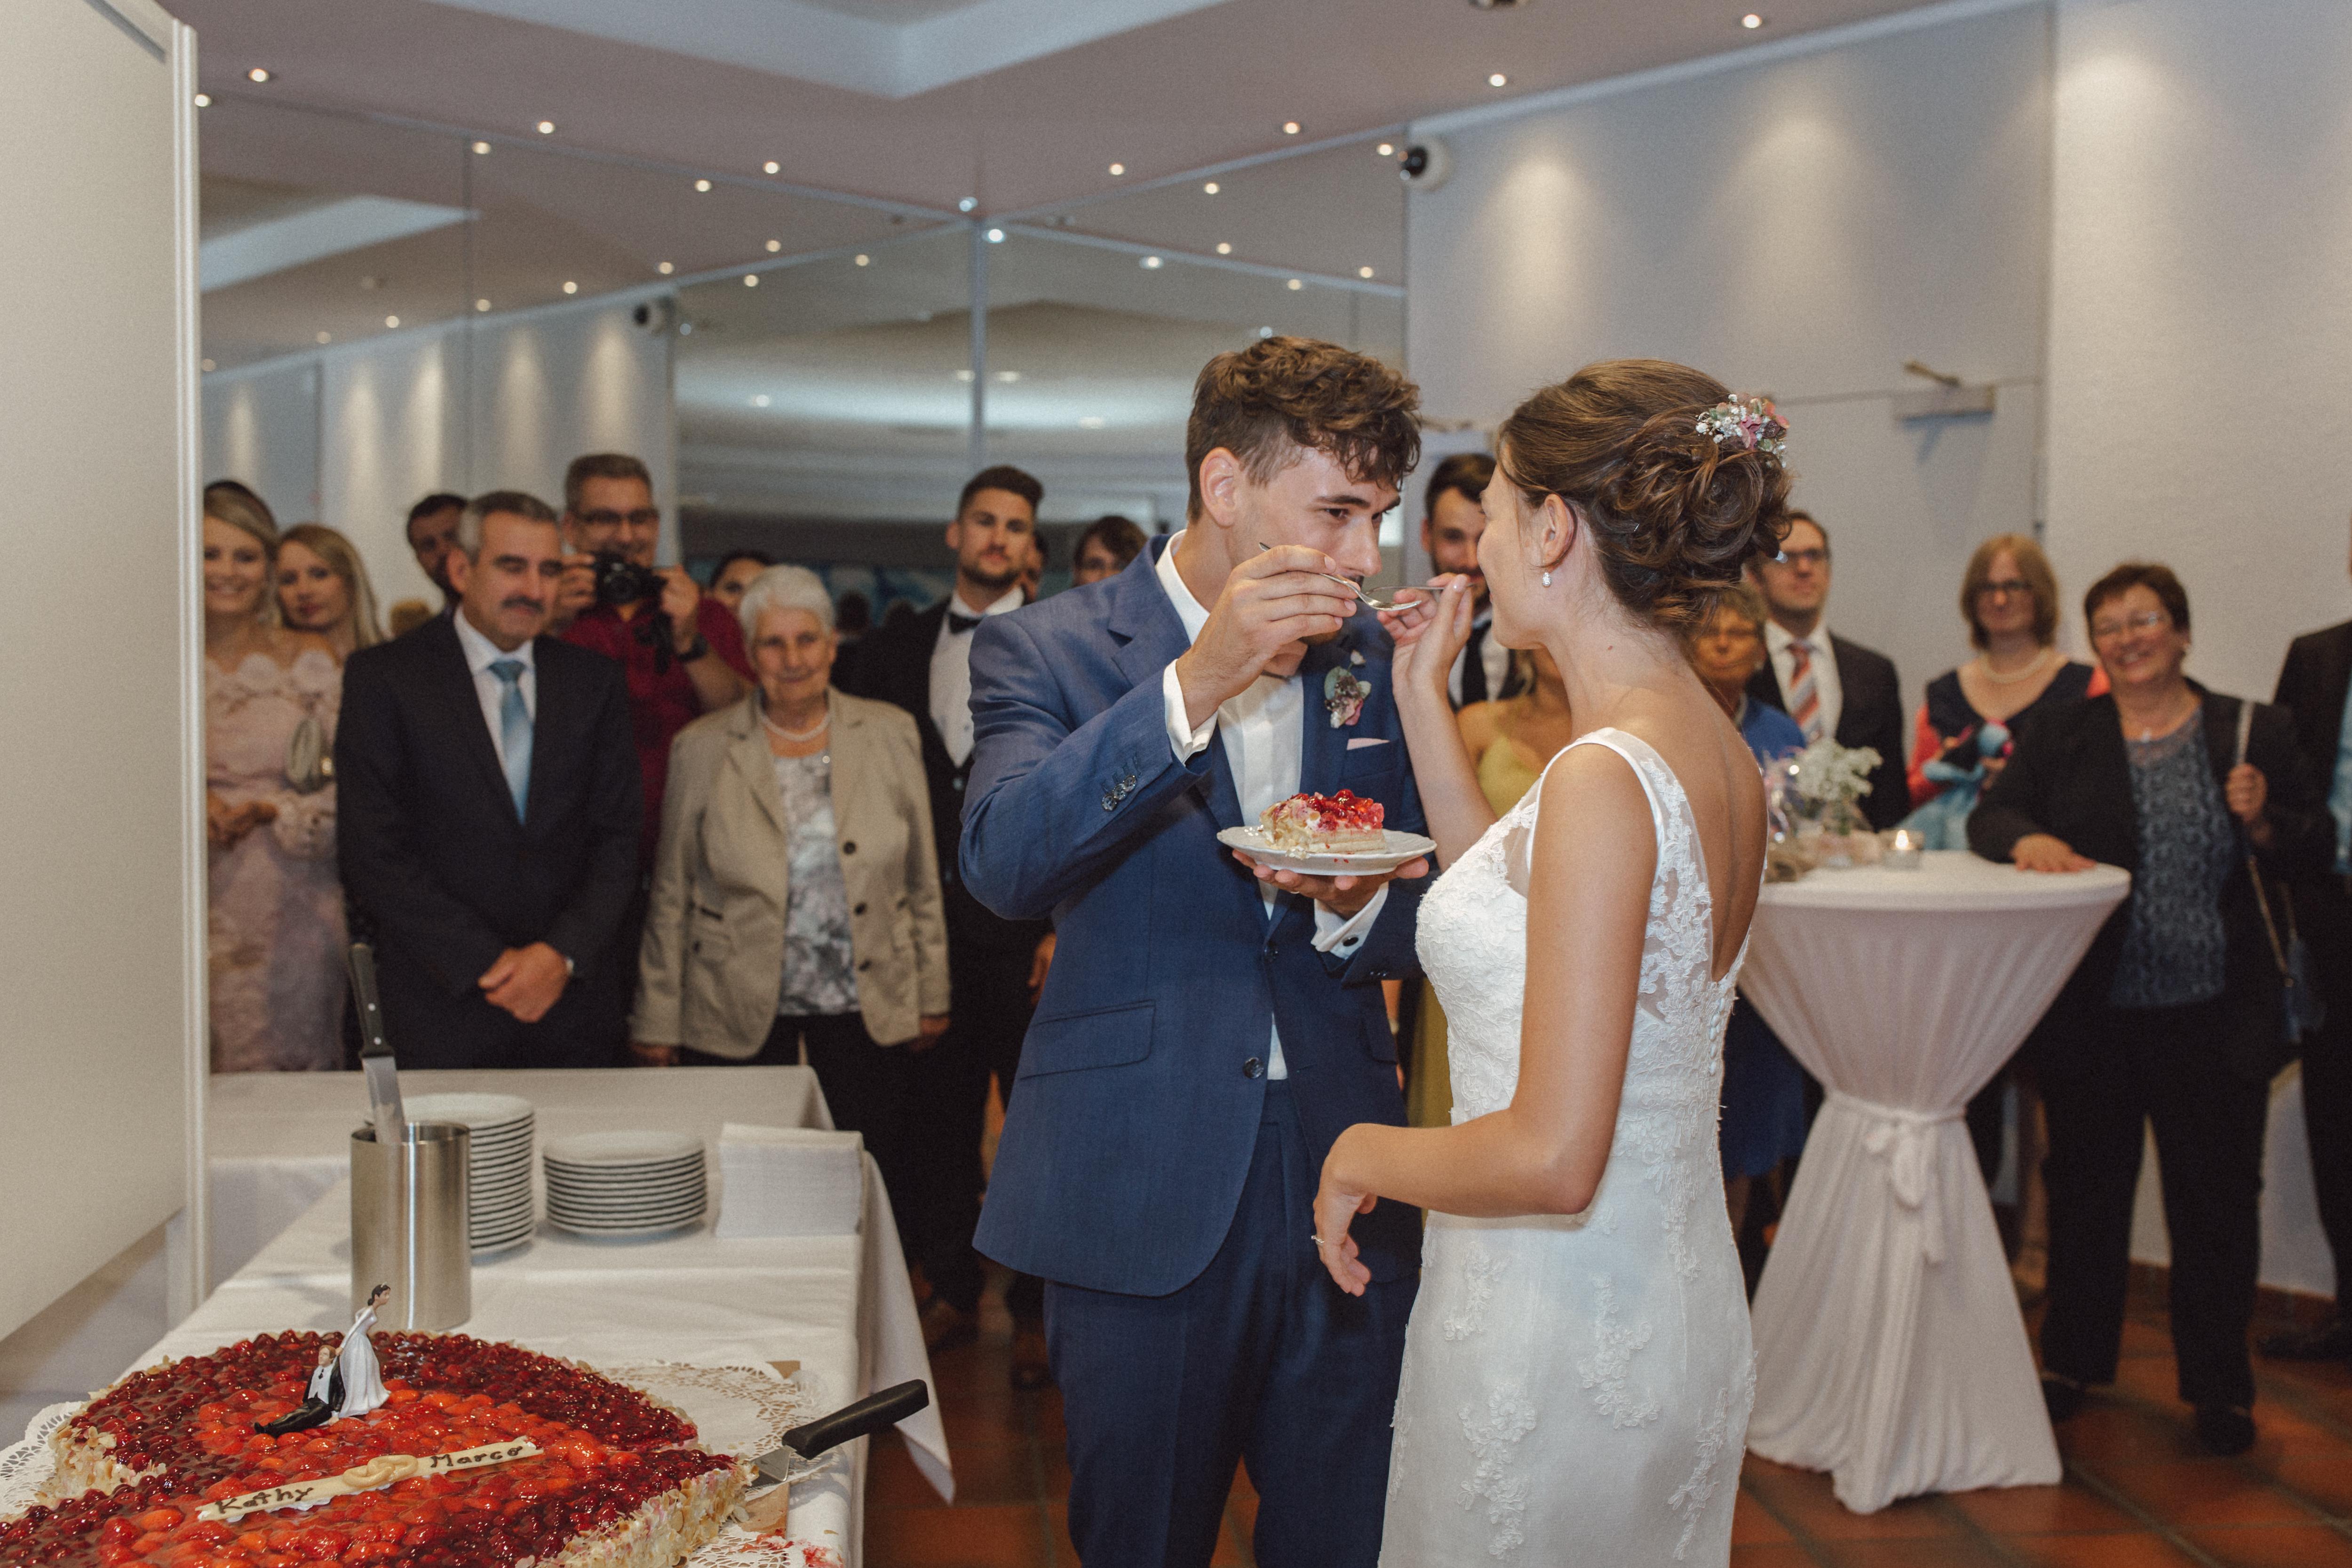 URBANERIE_Daniela_Goth_Hochzeitsfotografin_Nürnberg_Fürth_Erlangen_Schwabach_170715_0697